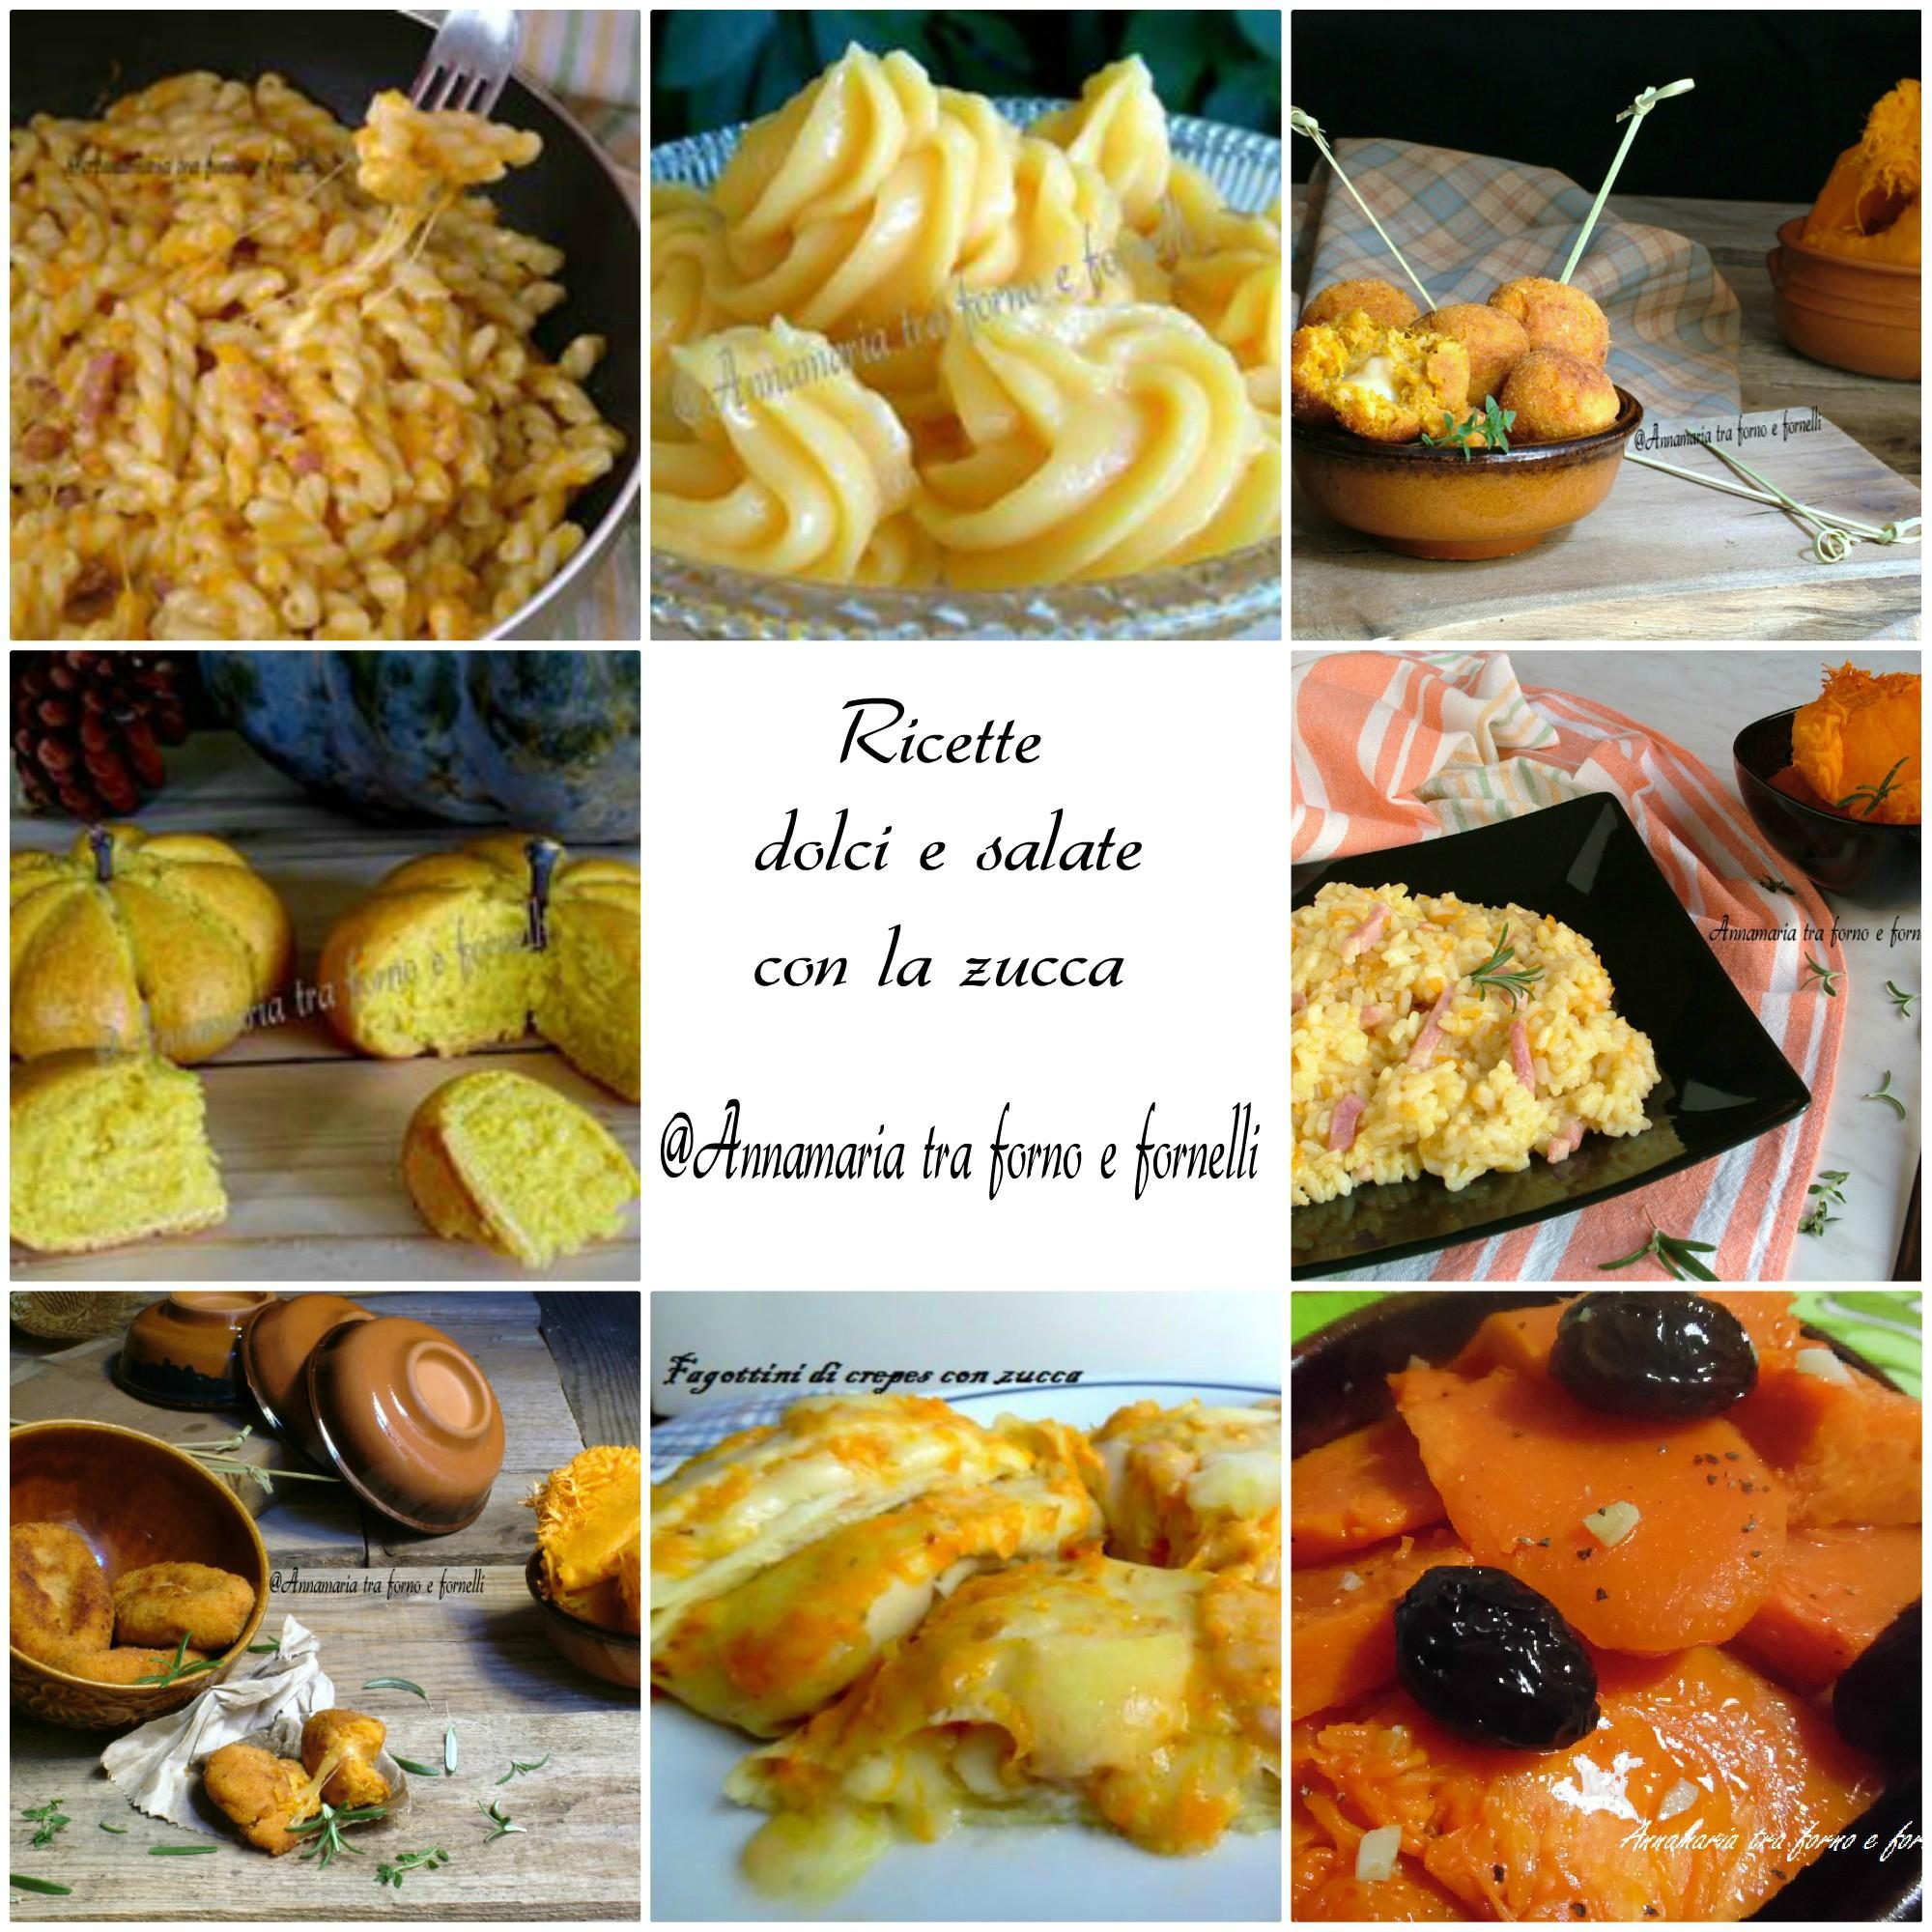 raccolta ricette dolci e salate con la zucca 2